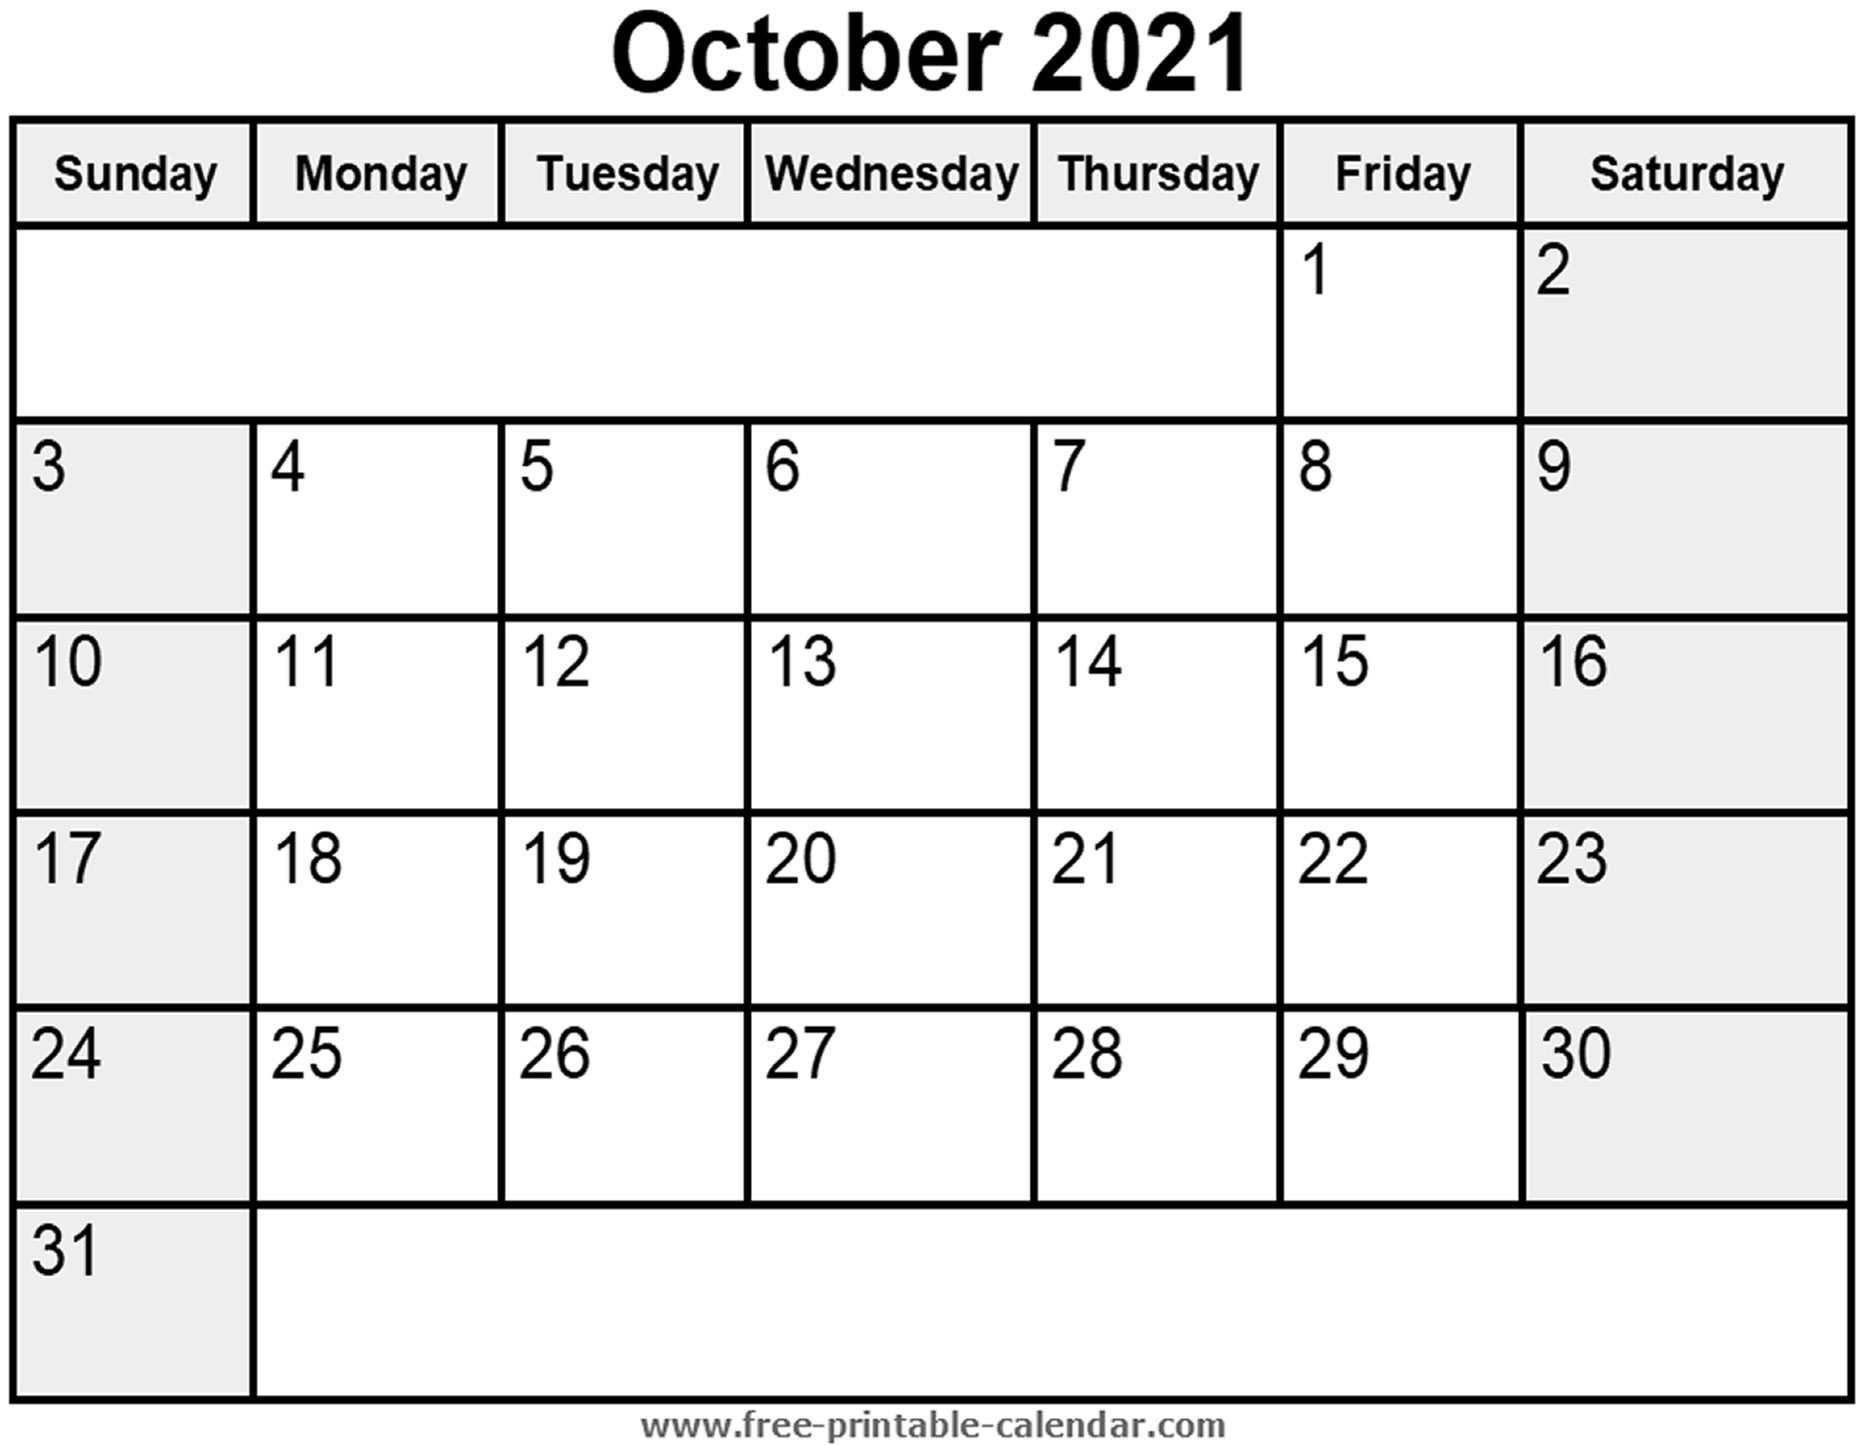 Printable October 2021 Calendar - Free-Printable-Calendar